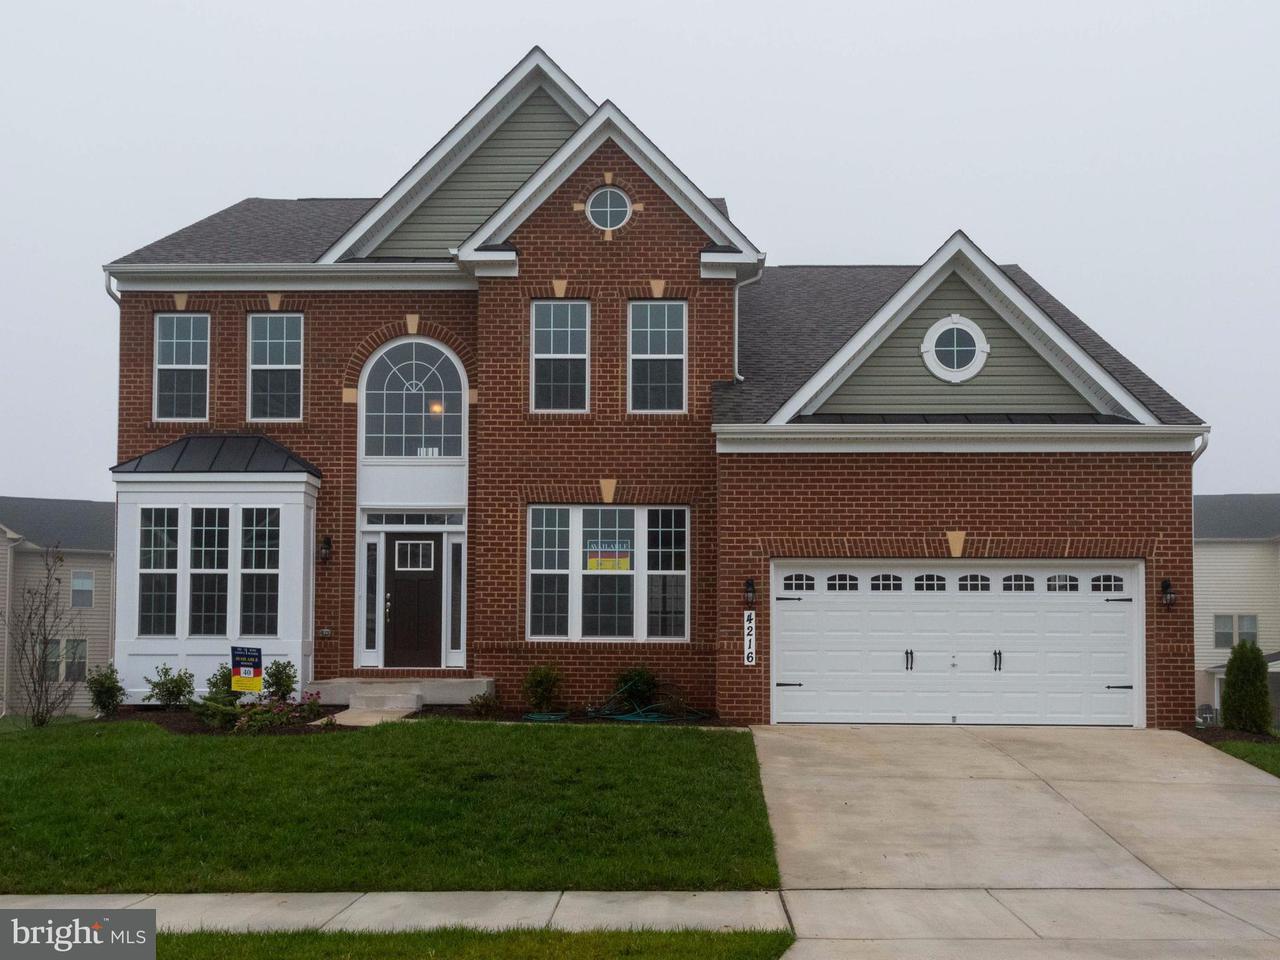 Casa Unifamiliar por un Venta en 4216 PERRY HALL Road 4216 PERRY HALL Road Perry Hall, Maryland 21128 Estados Unidos